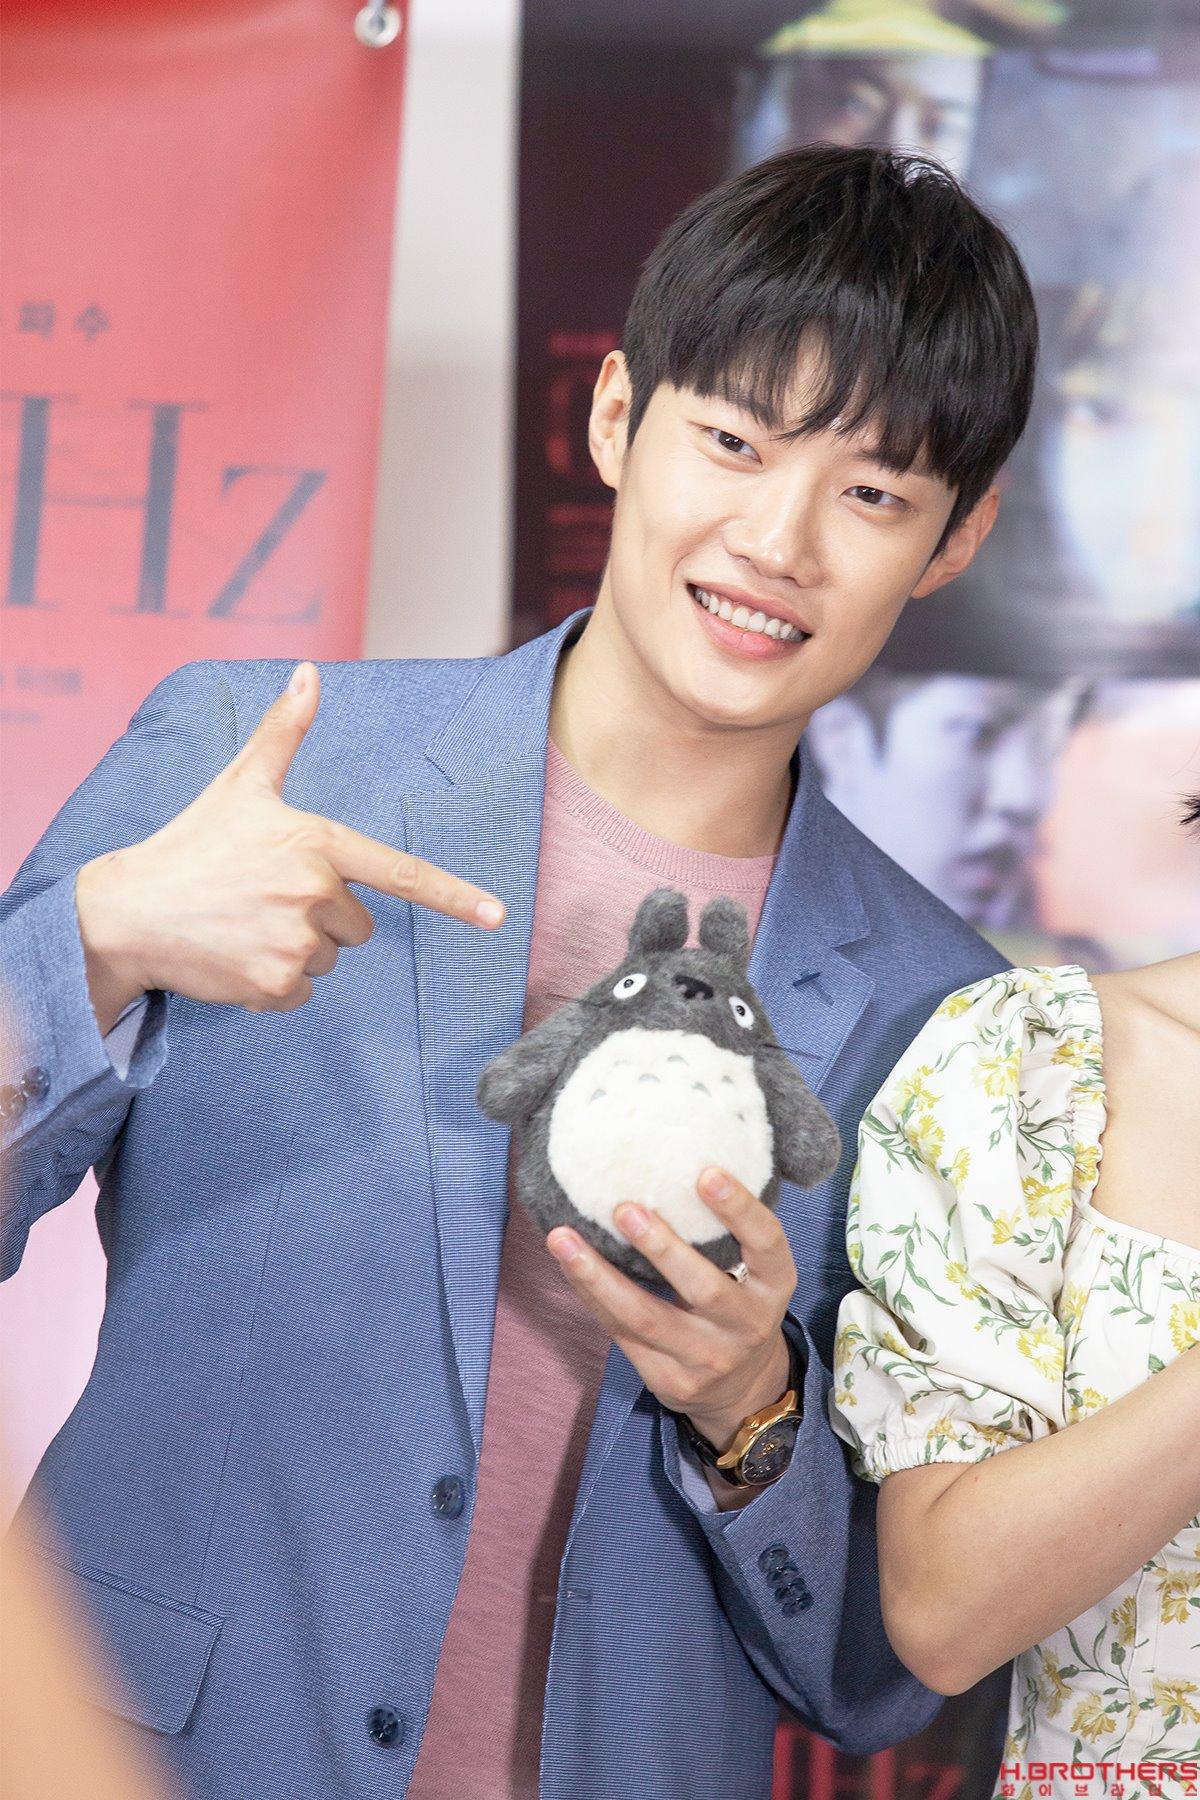 Shin JooHwan, Shin JooHwan arthdal chronicles, Shin JooHwan actor